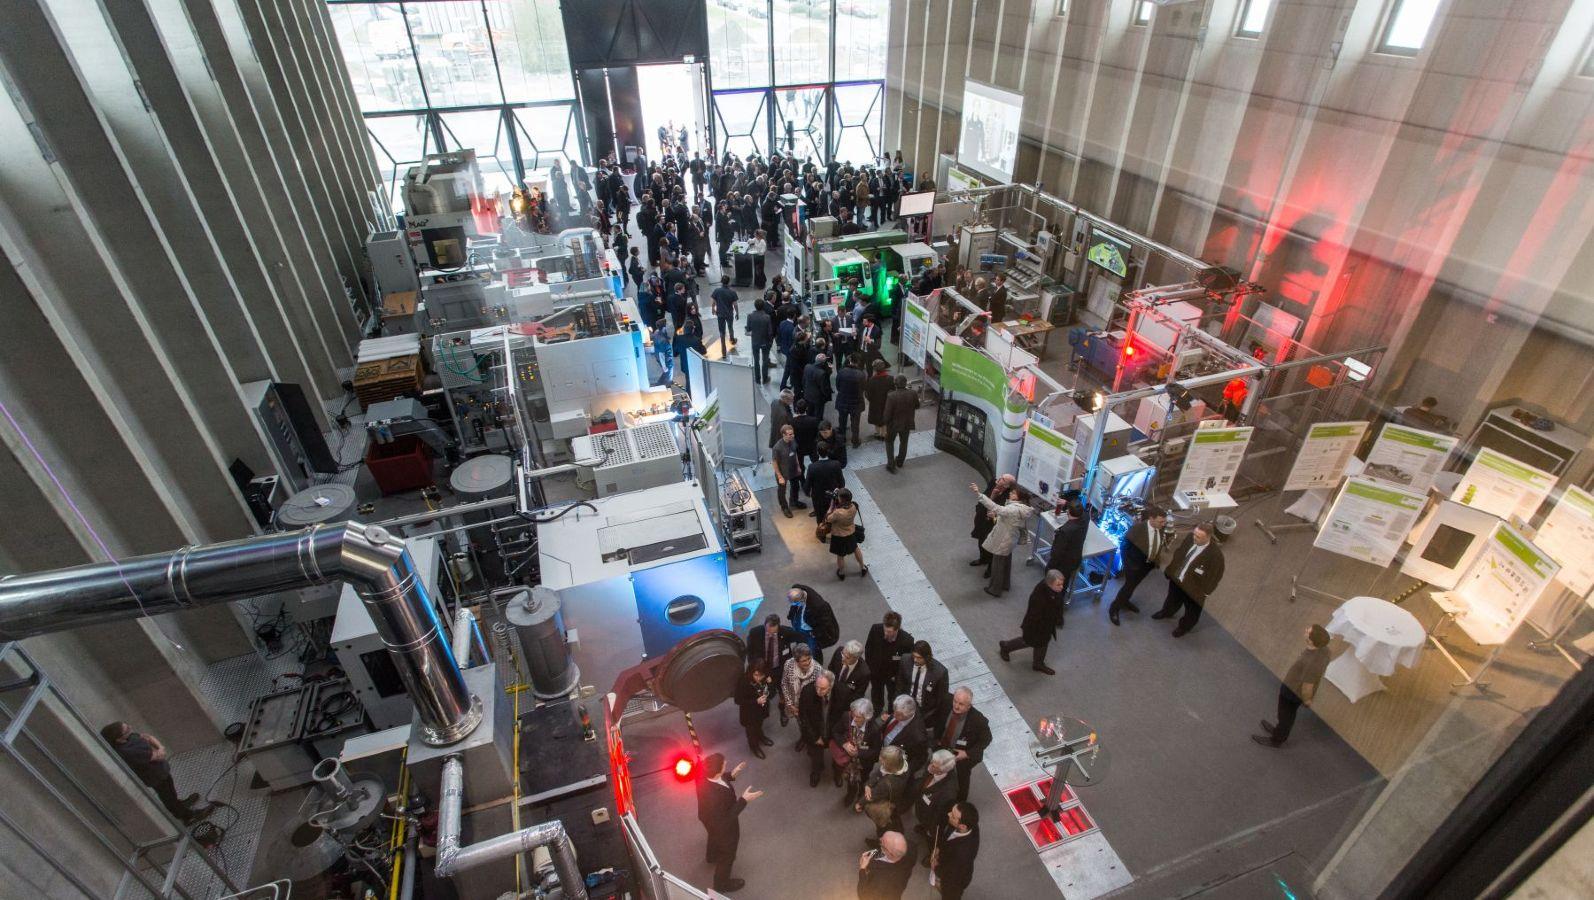 PHI-Factory an der TU Darmstadt - eine Industriehalle, die viele Menschen bei der Einweihung bestaunen.